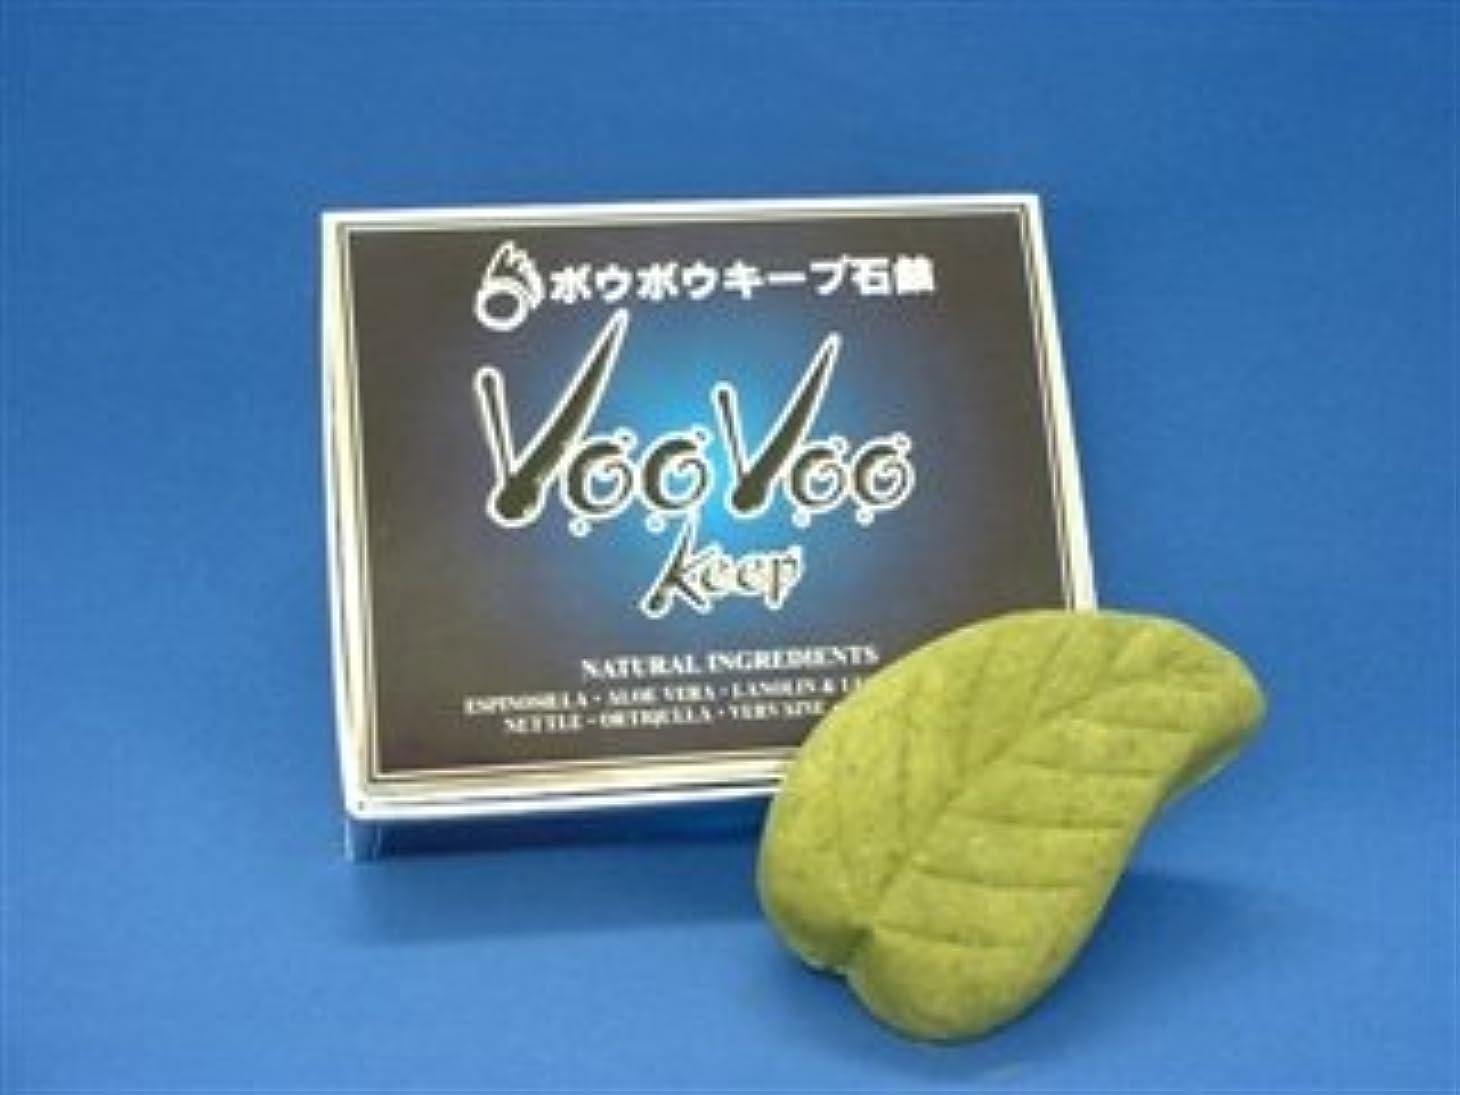 クリップ蝶空中かび臭いボウボウキープ石鹸(VooVoo keep)